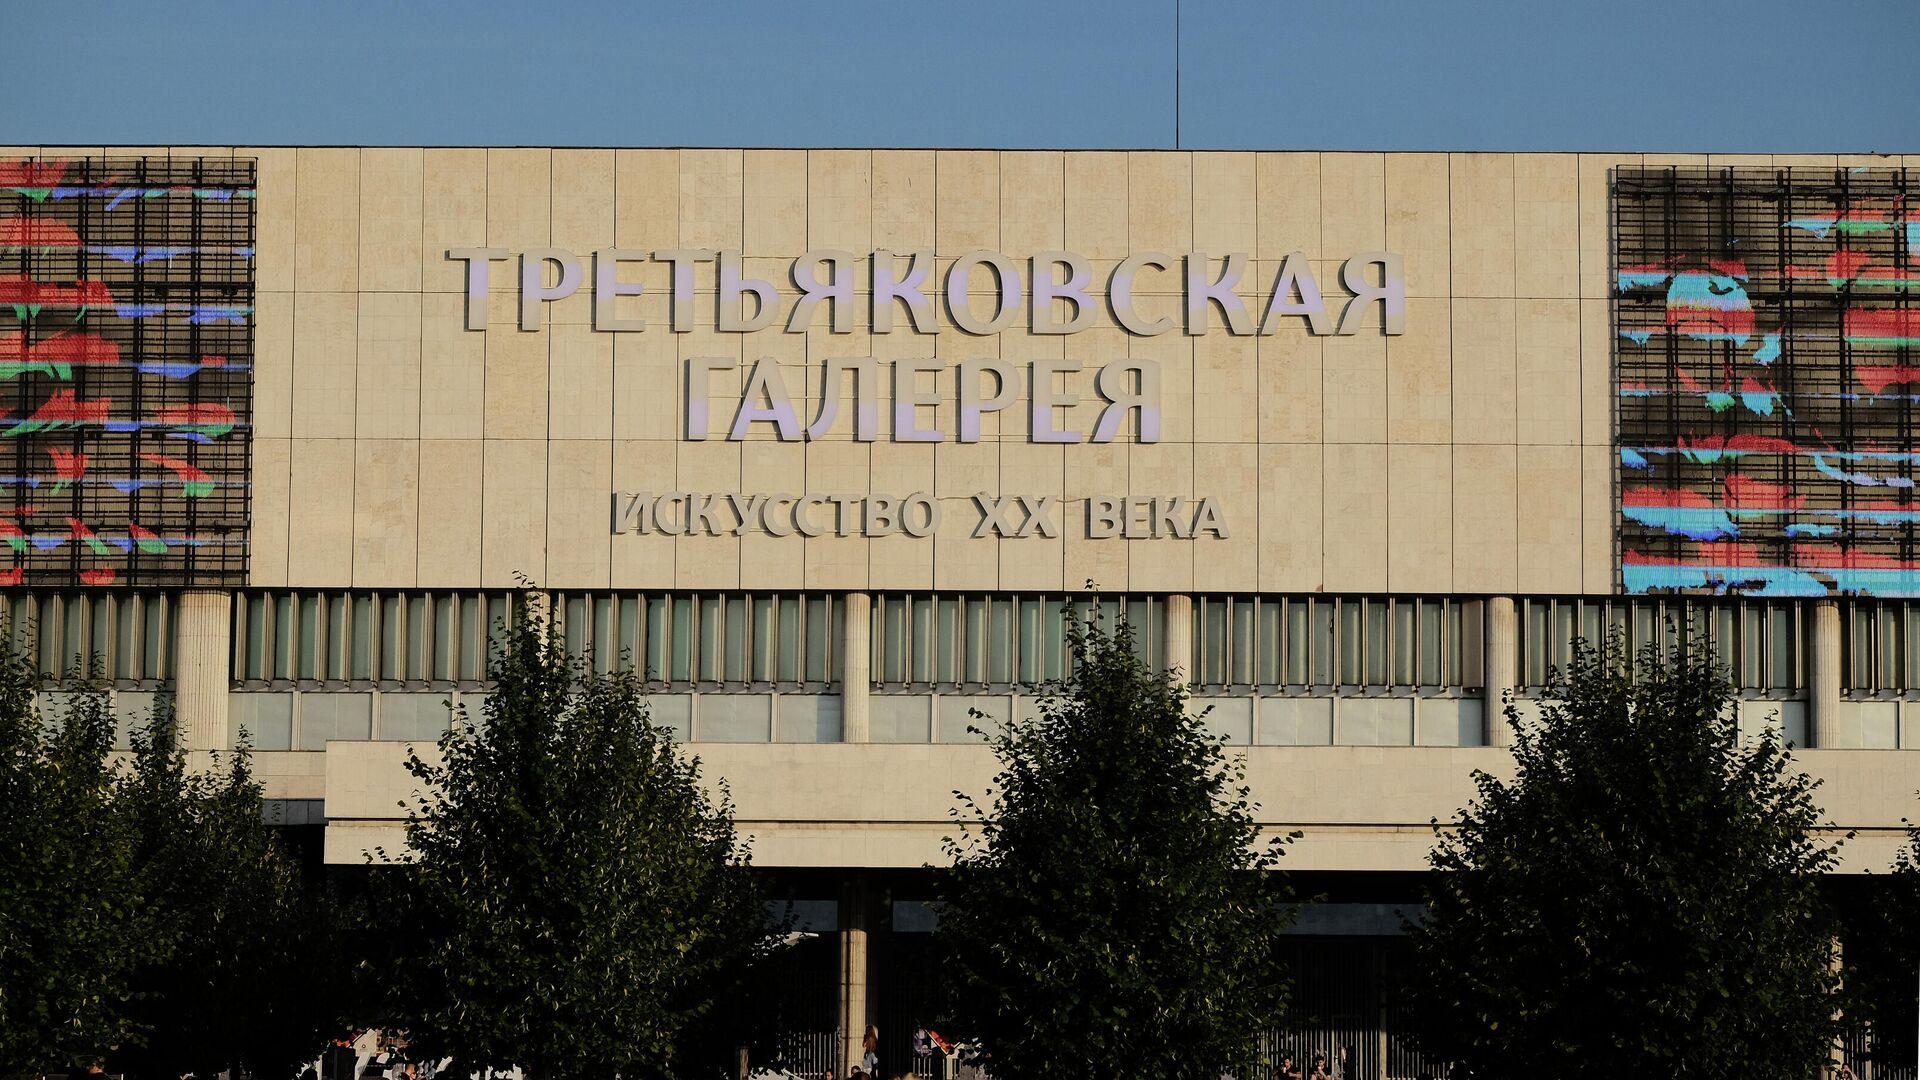 Государственная Третьяковская галерея  - РИА Новости, 1920, 26.09.2021